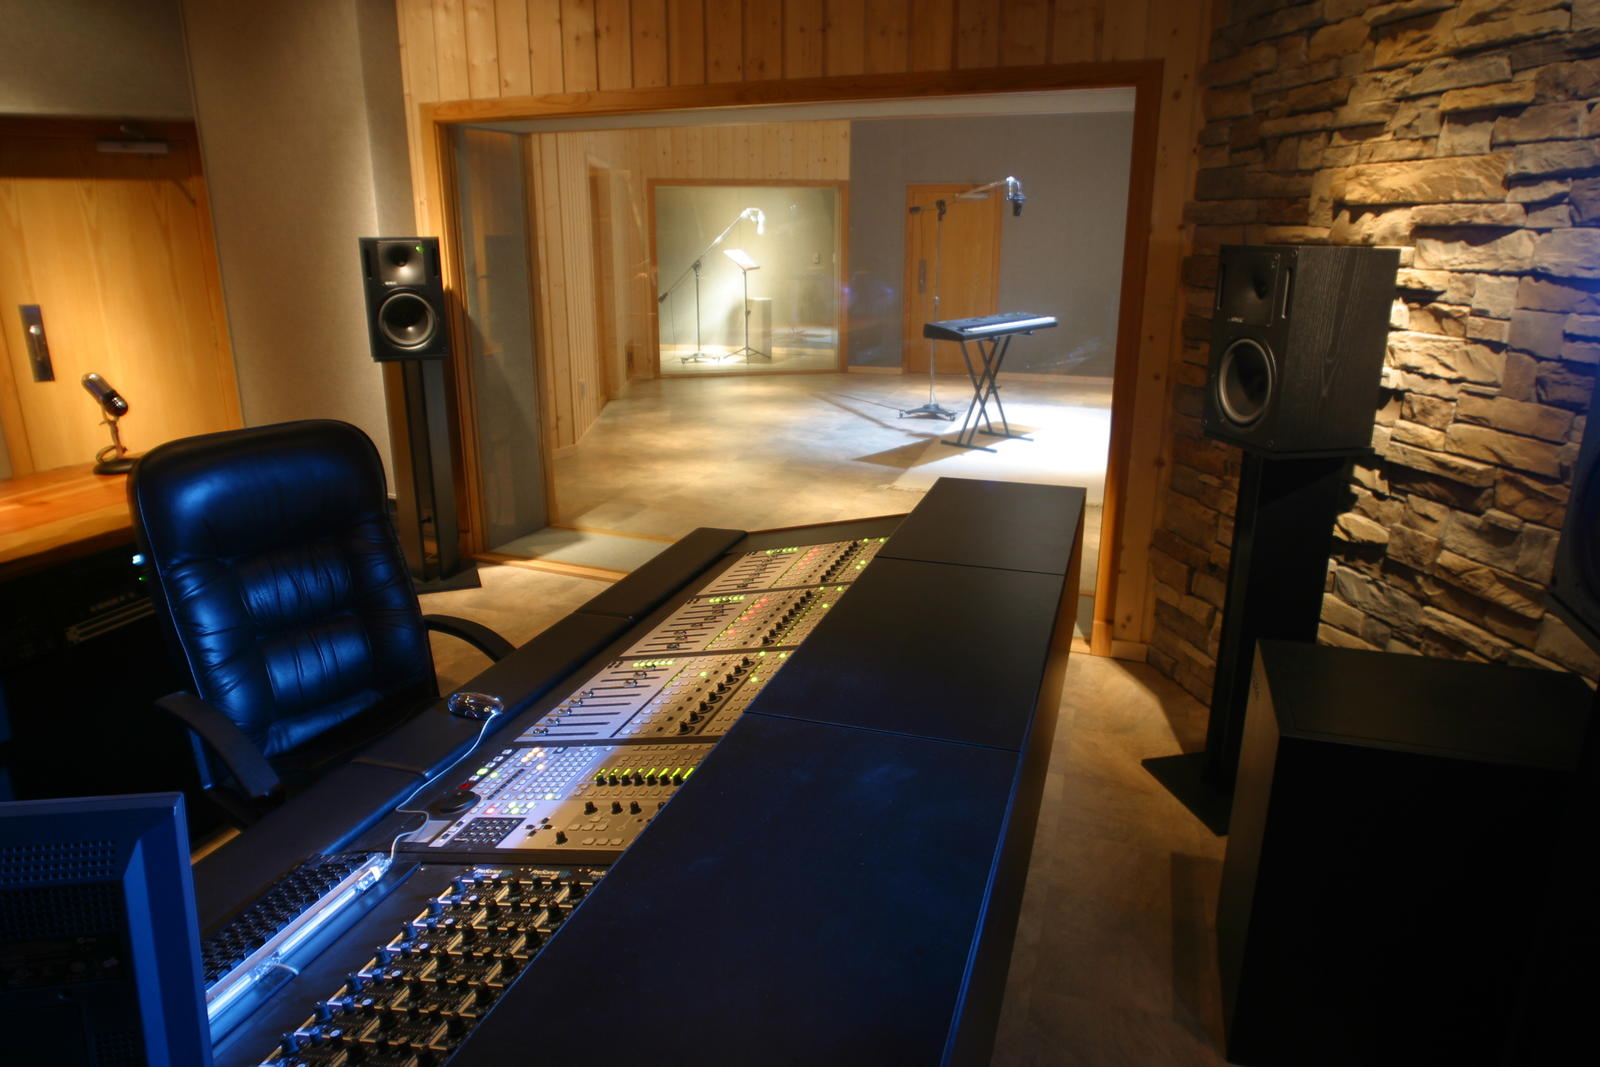 A Control Room